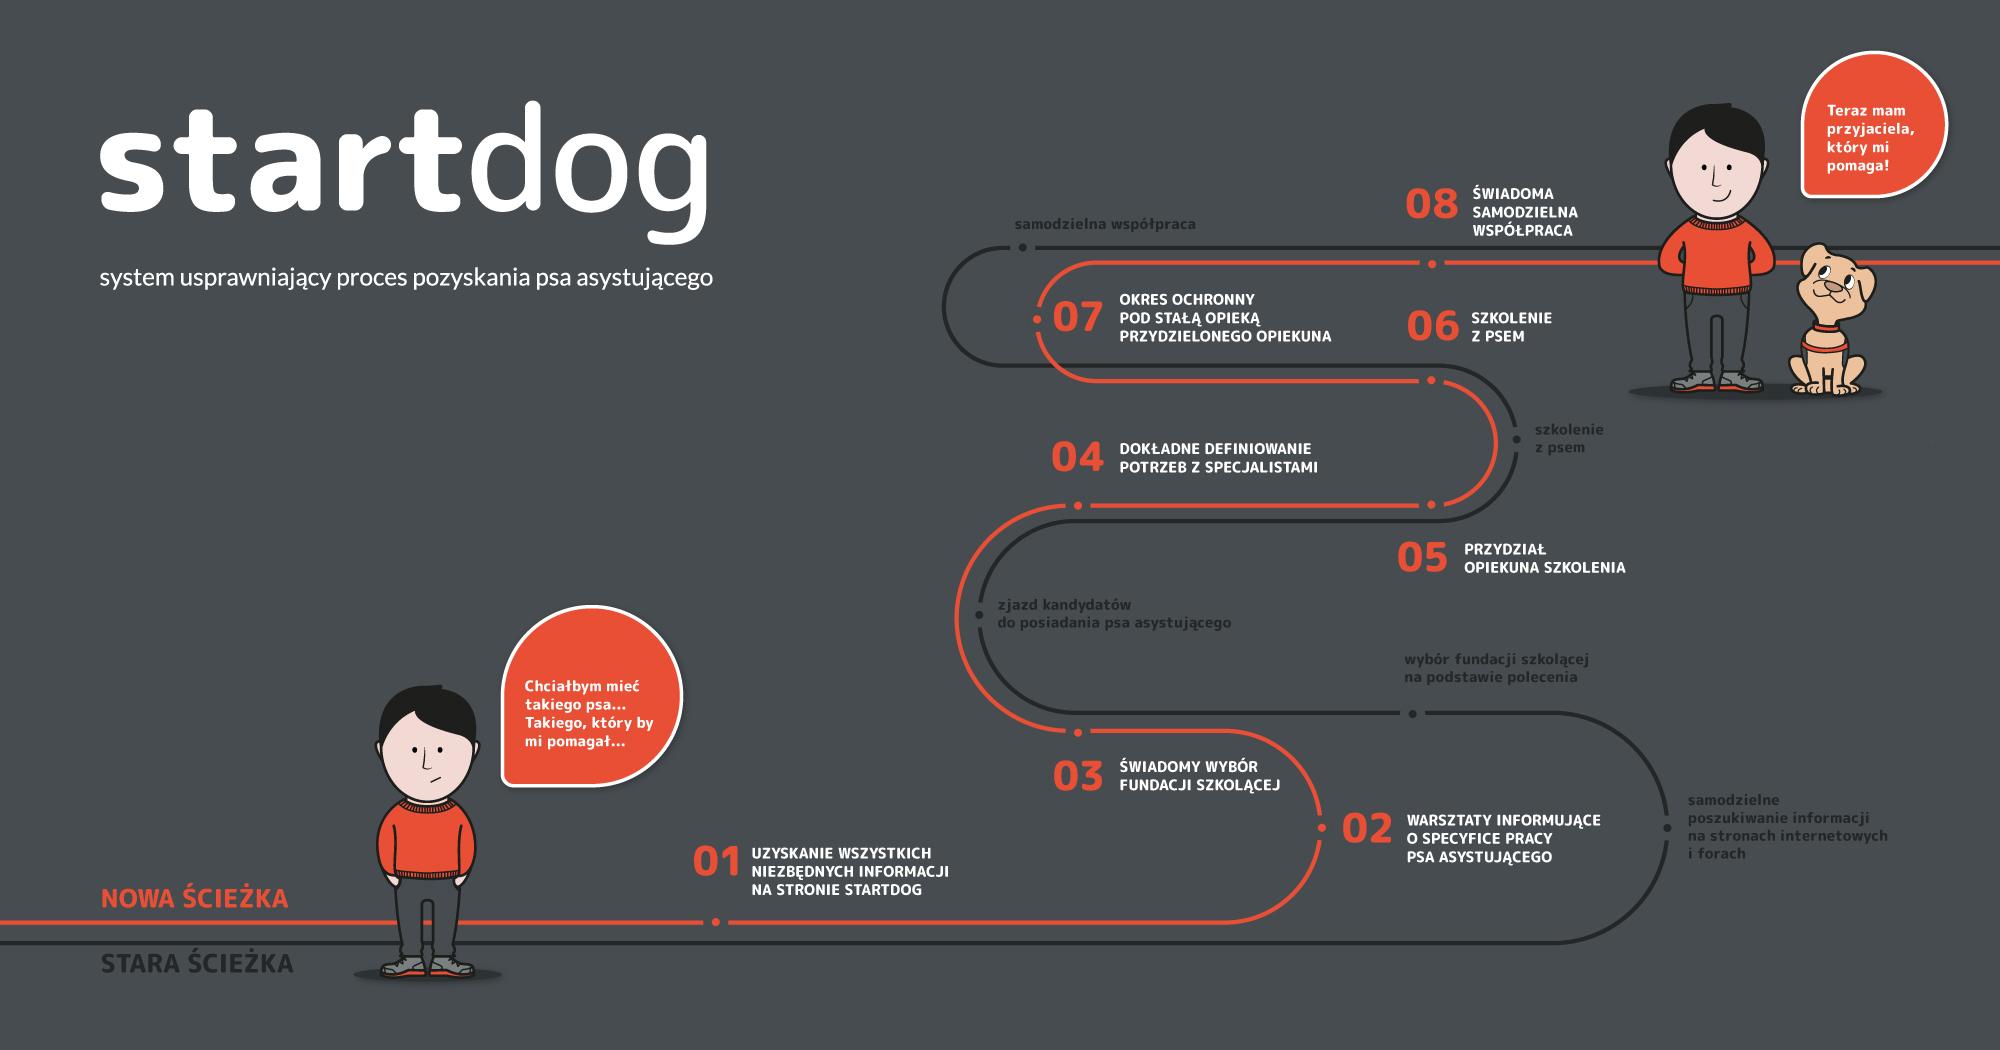 """Na ilustracji znajduje się infografika. W lewym górnym rogu znajduje się napis """"Startdog system usprawniający proces pozyskania psa asystującego"""". Od lewego dolnego rogu do prawego górnego ciągną się dwie zakręcone linie, jedna w kolorze pomarańczowym druga w kolorze ciemnoszarym. W lewym dolnym rogu nad linią pomarańczową widnieje napis """"nowa ścieżka"""" nad ciemnoszarą linią """"stara ścieżka"""". Obok napisów stoi narysowany mężczyzna o czarnych włosach i pomarańczowym swetrze. Wydaje się smutny. Obok pojawia się pole z jego wypowiedzią """"Chciałbym mieć takiego psa… takiego który by mi pomagał"""". Na obu liniach pojawiają się kolejno punkty. W nowej, pomarańczowej ścieżce, punkty są ponumerowane i ułożone. Kolejno pojawiają się: uzyskanie wszystkich niezbędnych informacji na stronie Startdog warsztaty informujące o specyfice pracy psa asystującego świadomy wybór fundacji szkolącej dokładne definiowanie potrzeb z specjalistami przydział opiekuna szkolenia szkolenie z psem okres ochronny pod stałą opieką przydzielonego opiekuna świadoma samodzielna współpraca Na końcu ścieżki stoi ten sam narysowany mężczyzna. Tym razem jest uśmiechnięty, a obok niego przedstawiony jest wpatrzony w niego biszkoptowy pies. Obok pojawia się wypowiedź: """"Teraz mam przyjaciela, który mi pomaga""""."""